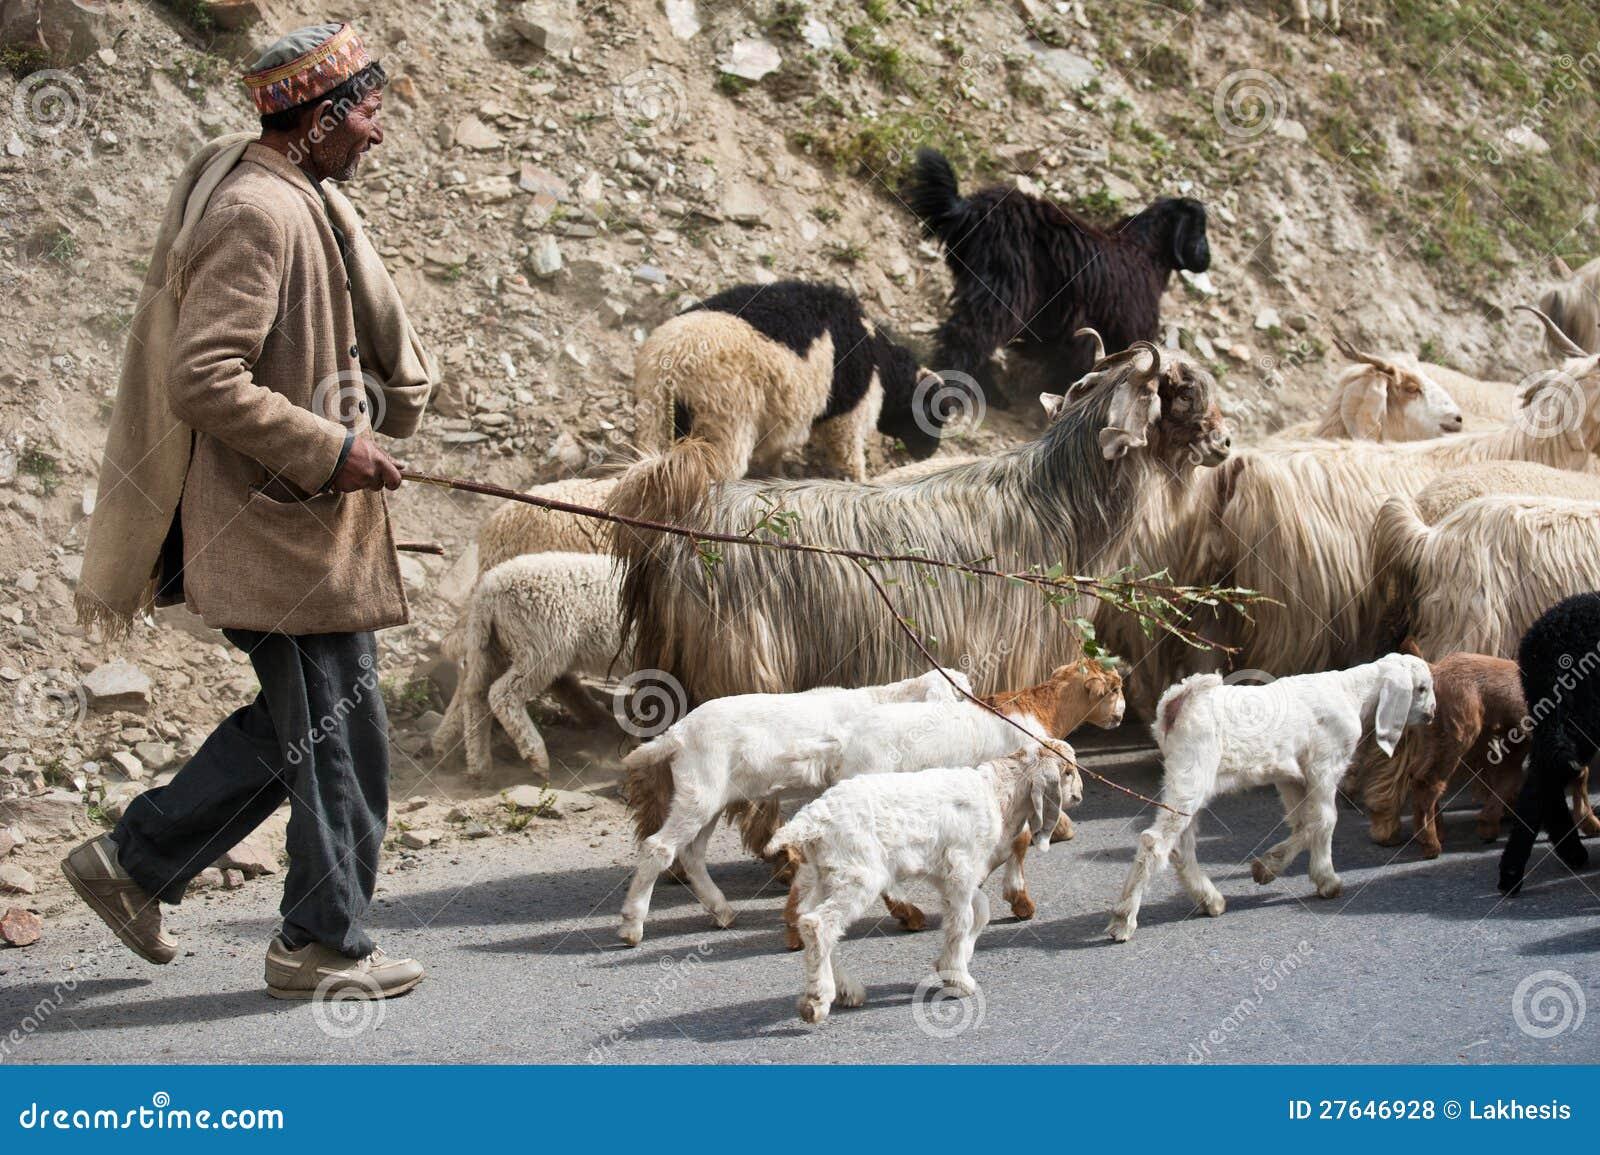 Il pastore Himalayan piombo la sua capra e le pecore si affollano